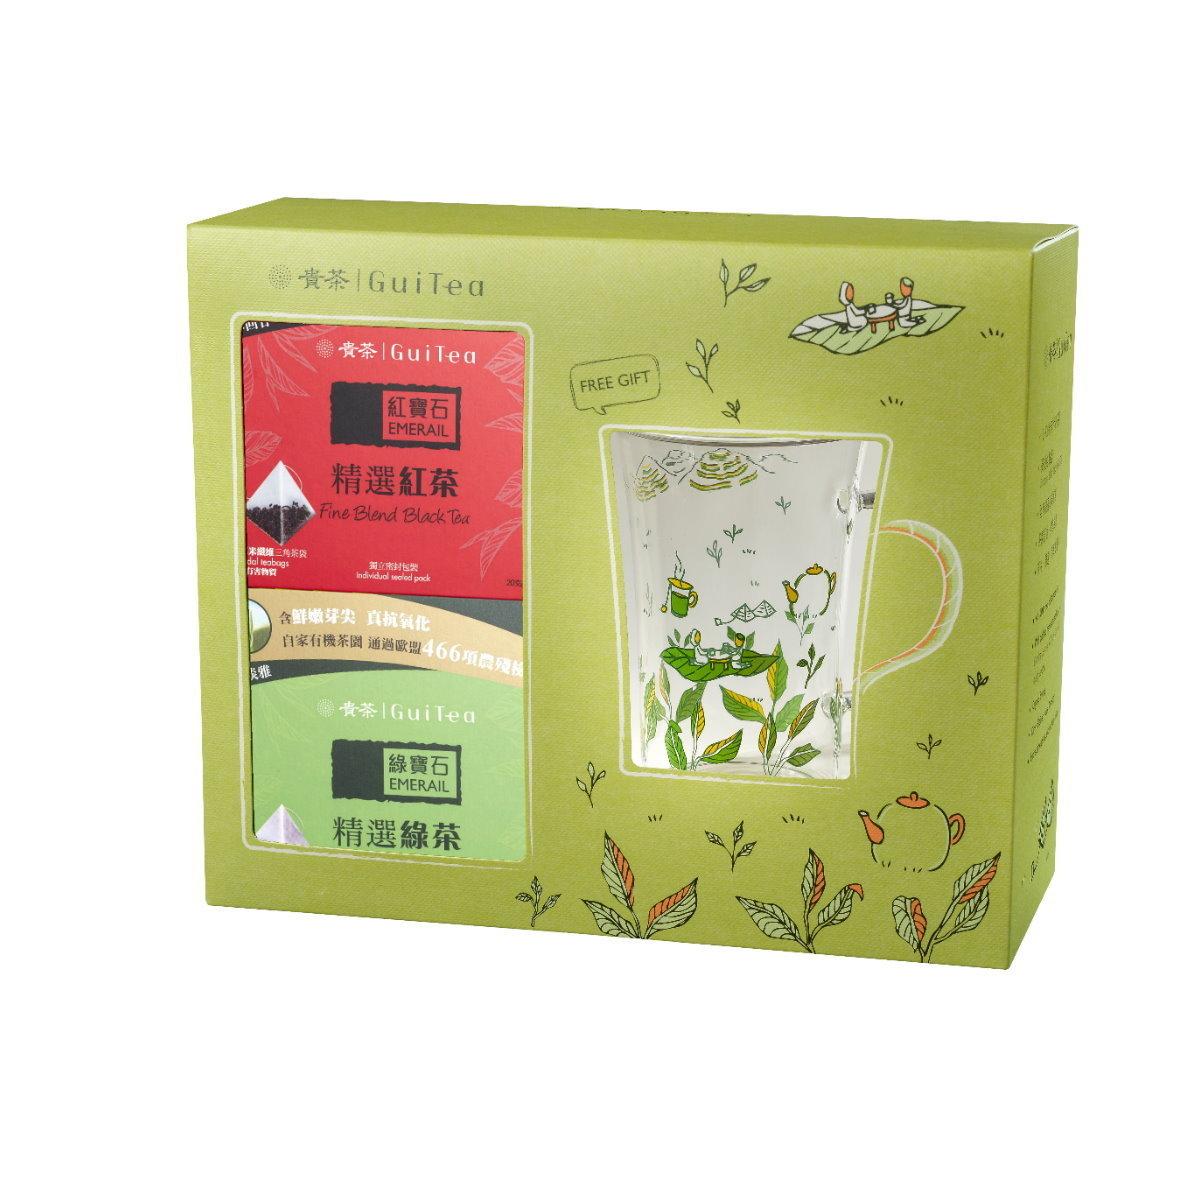 貴茶精選茶包優惠庄(送限定玻璃杯)